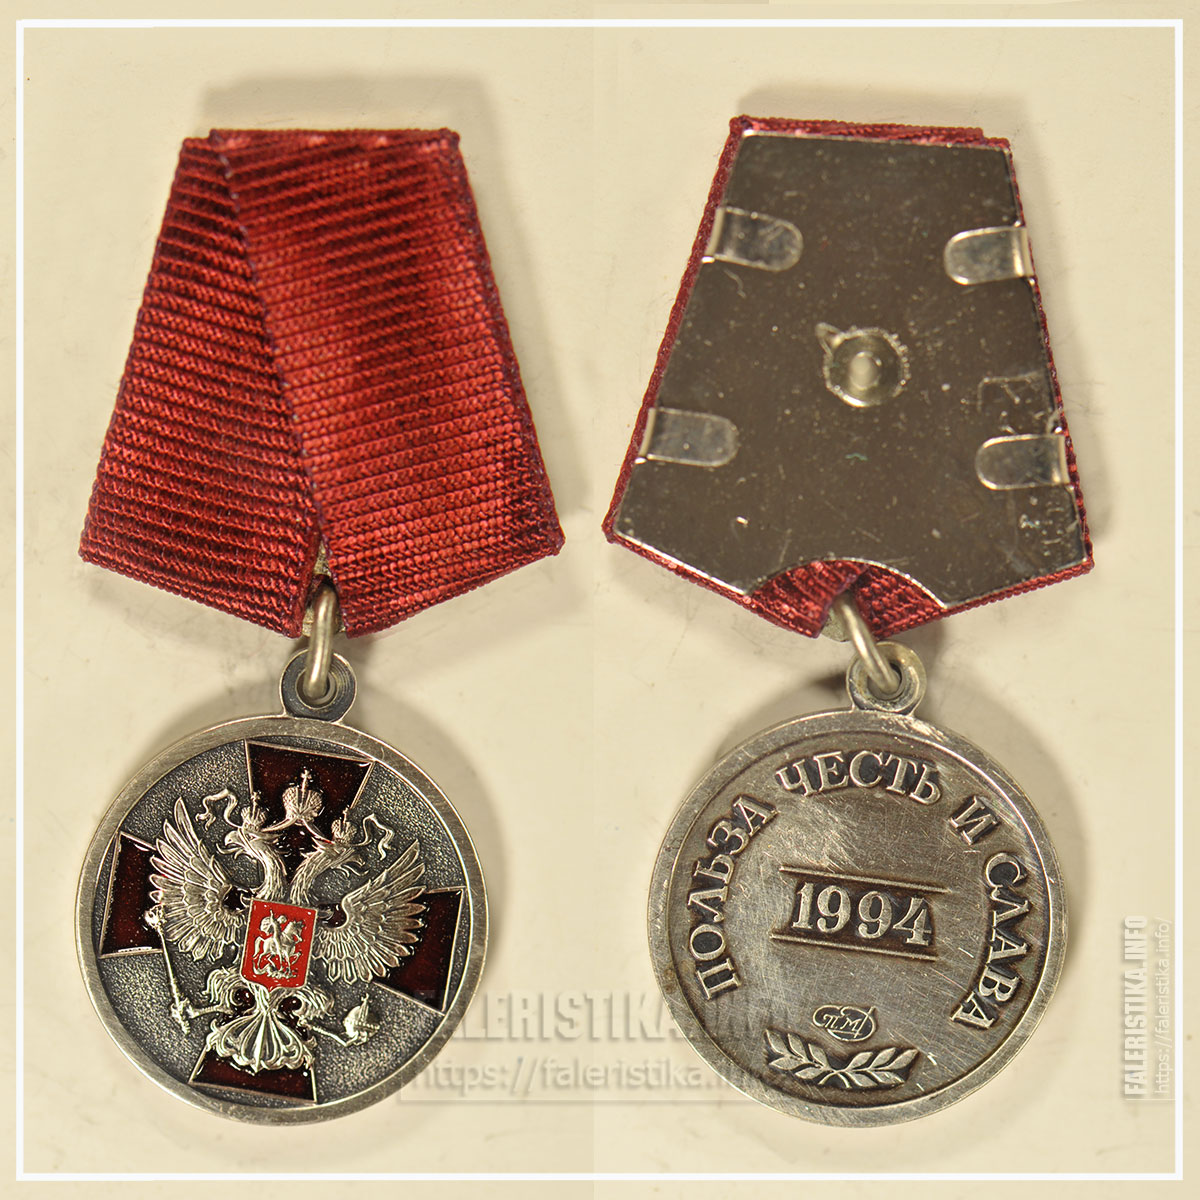 Медаль ордена «За заслуги перед Отечеством» II степени. Миниатюрная копия знака (фрачник). Санкт-Петербургский монетный двор